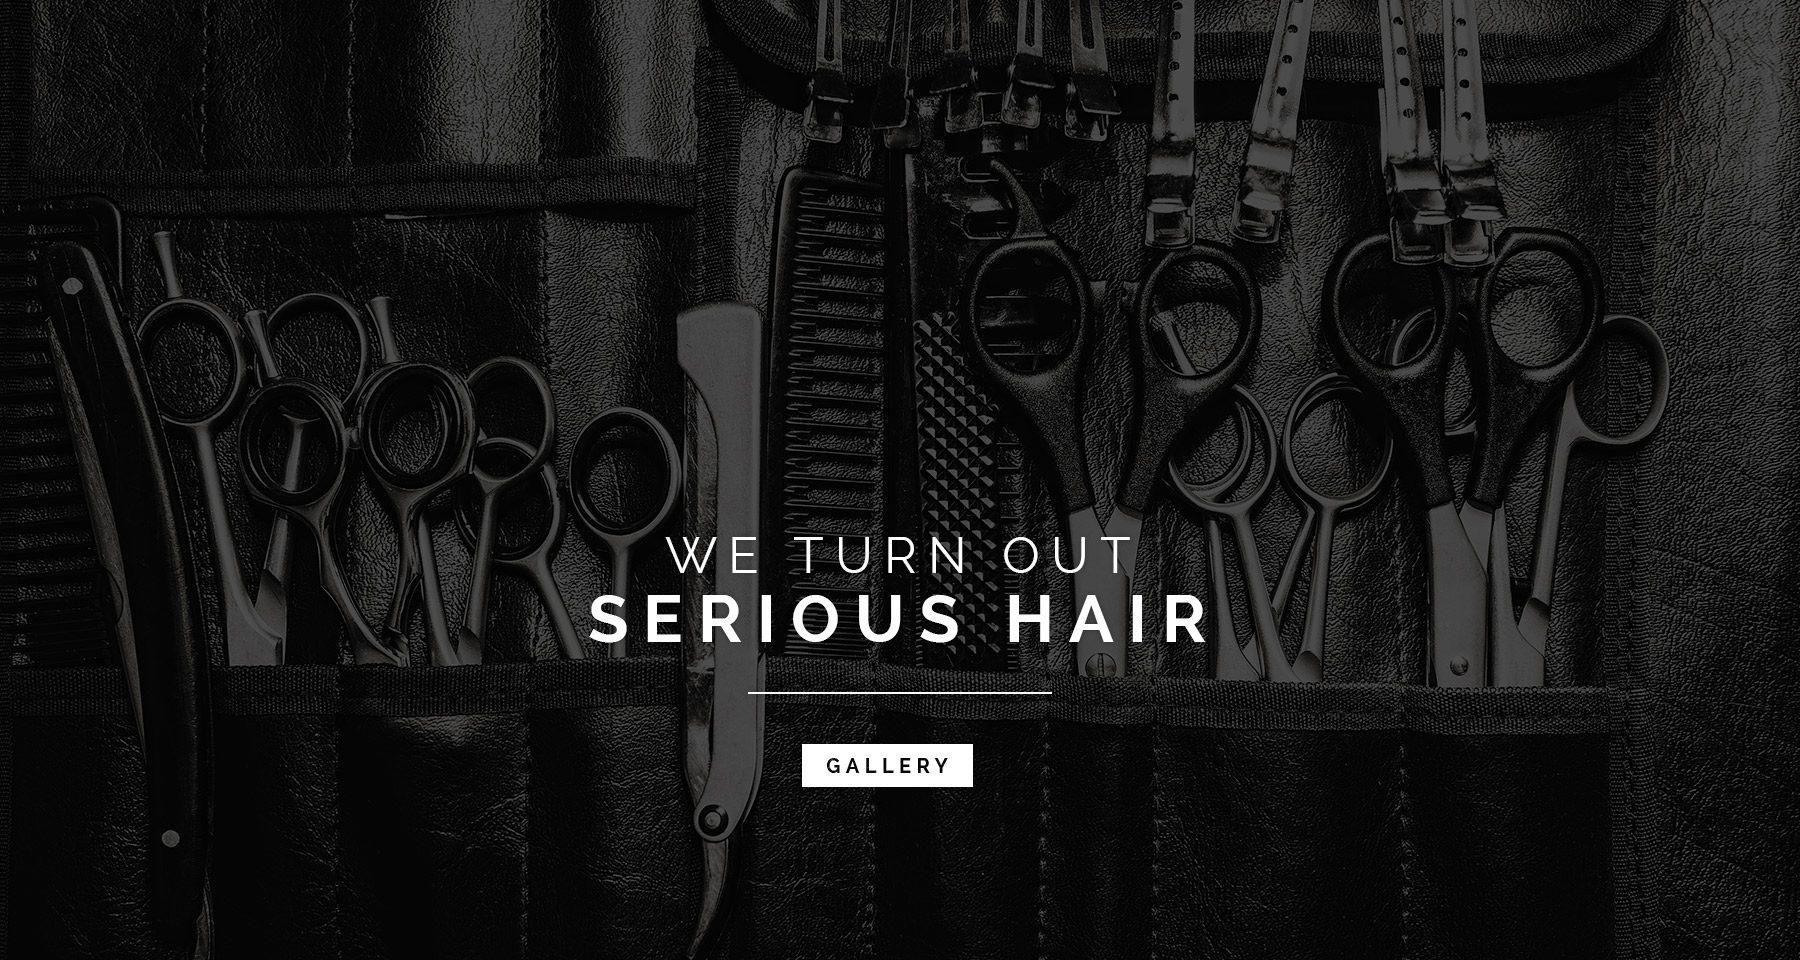 hair gallery 1800x960 jpg hair gallery